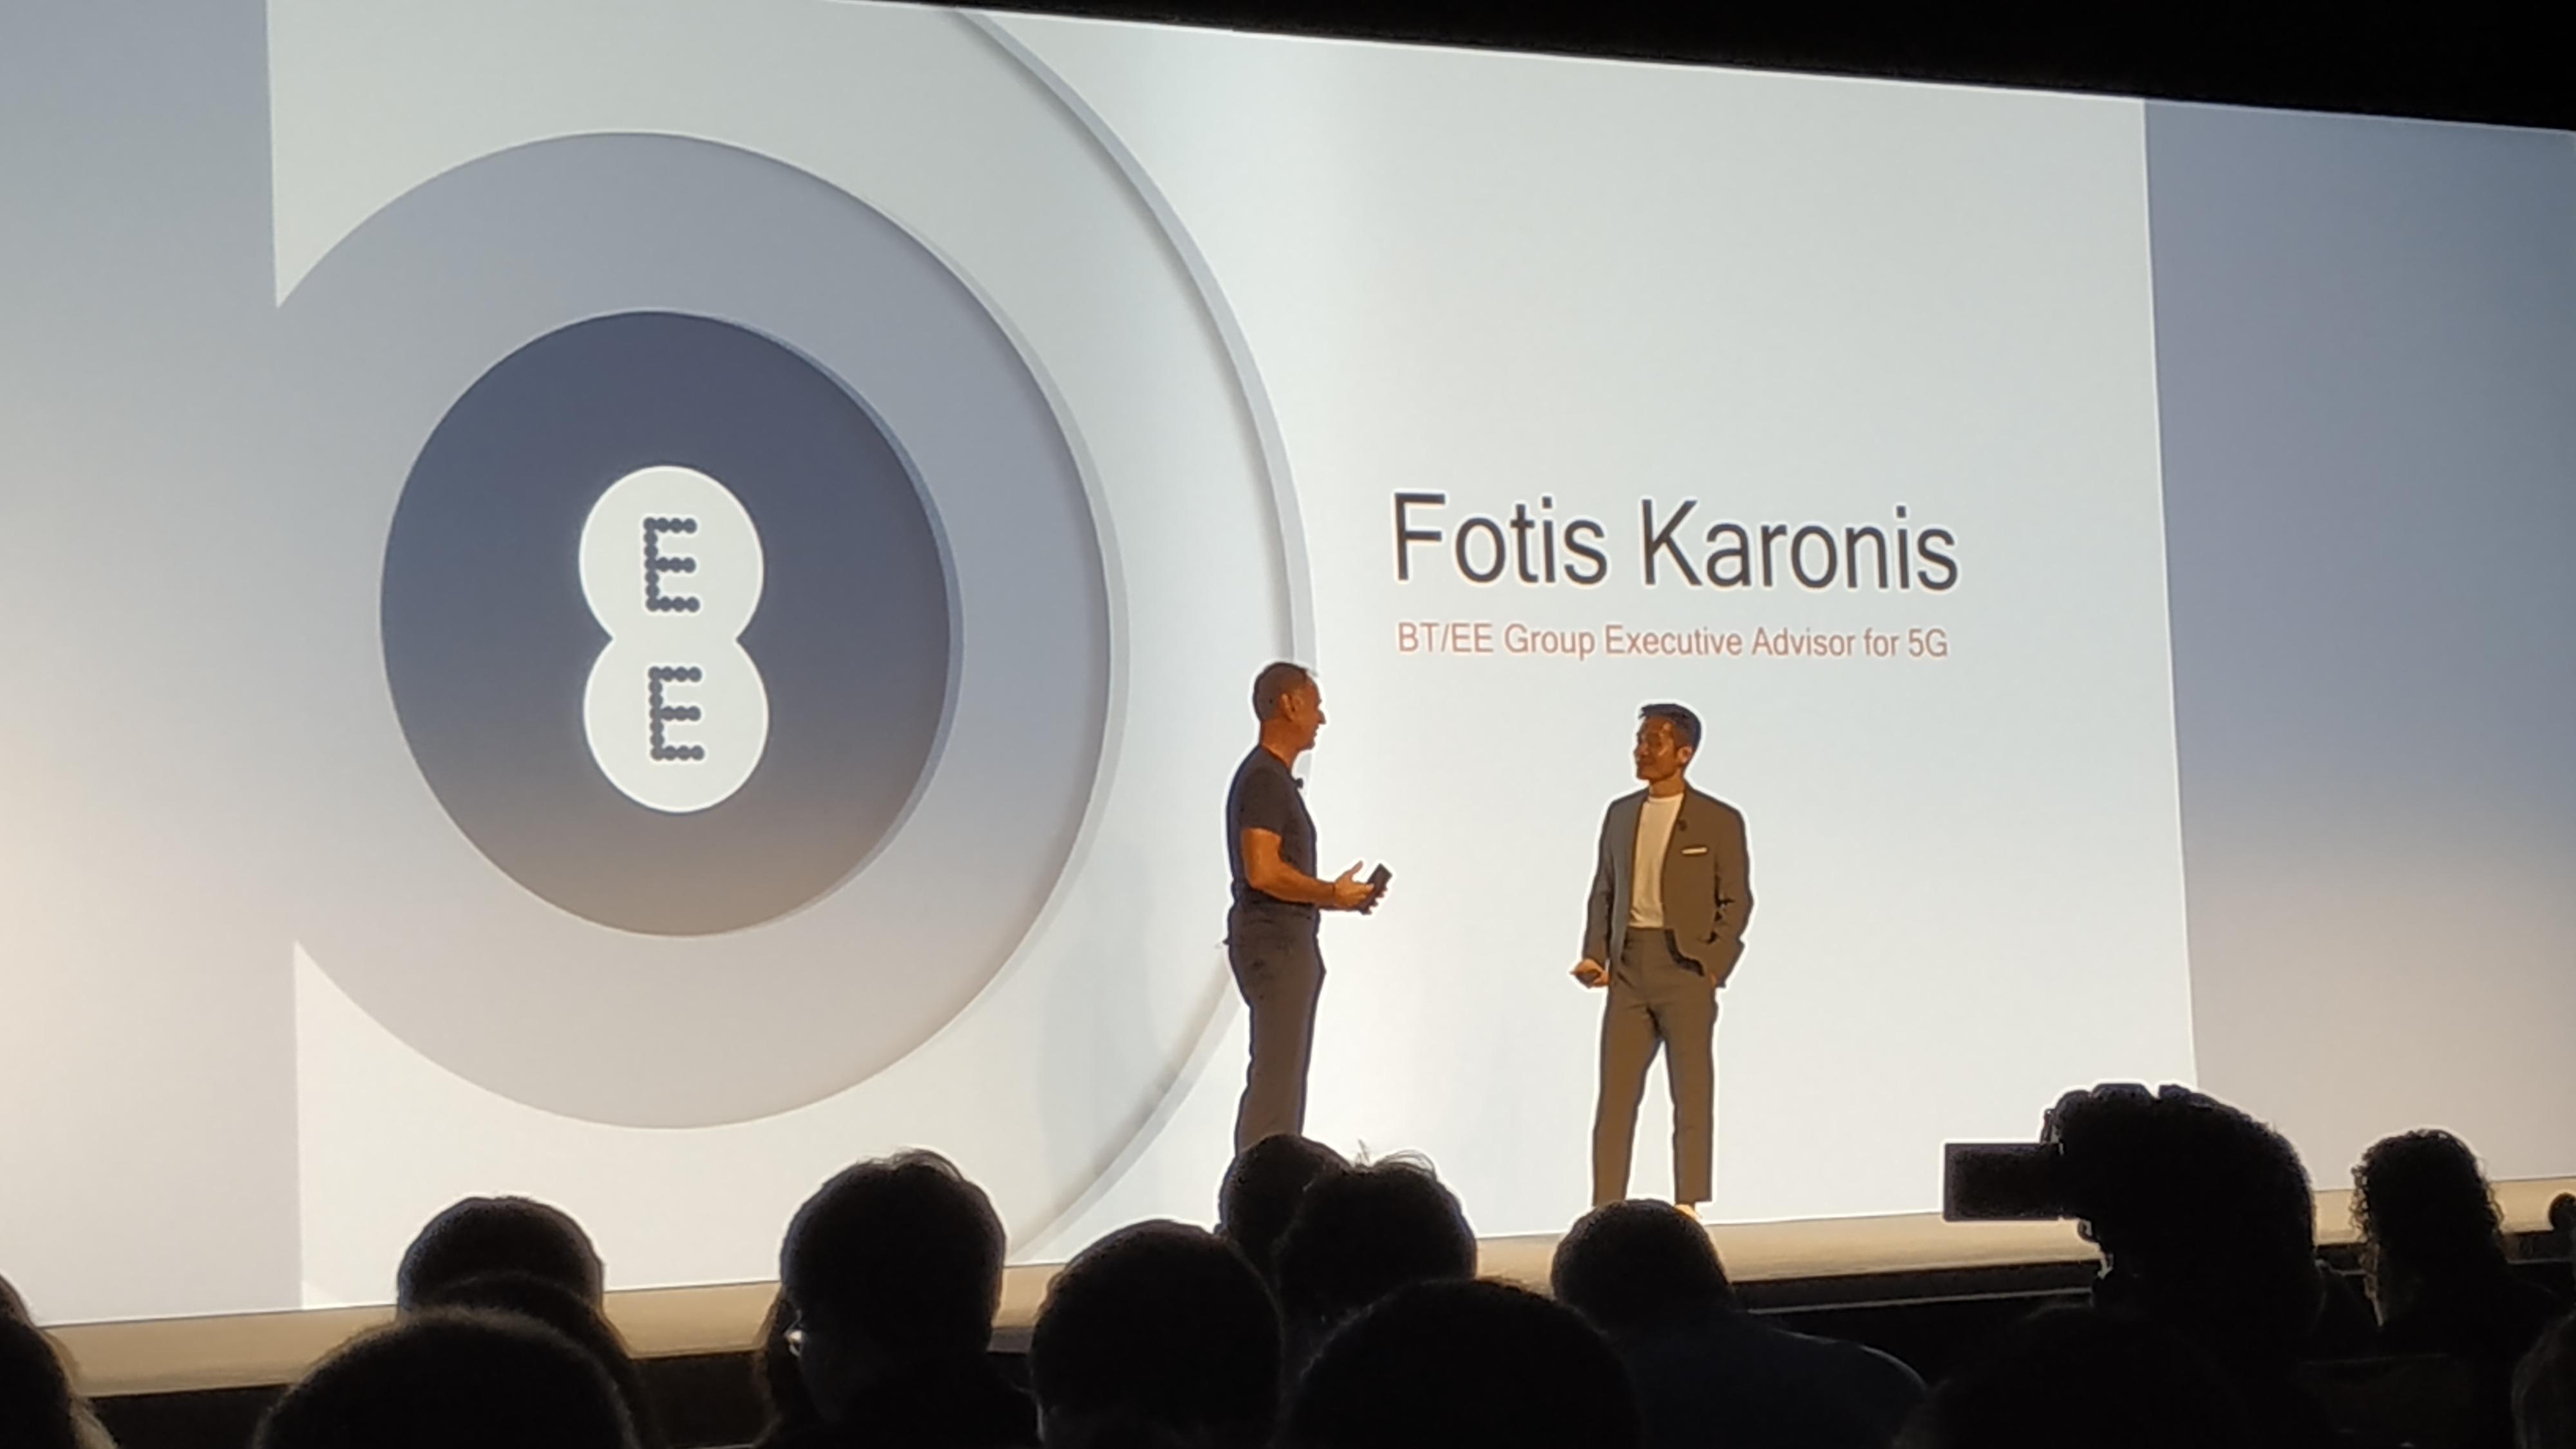 一加与EE达成合作 2019将发布欧洲首款商用5G手机